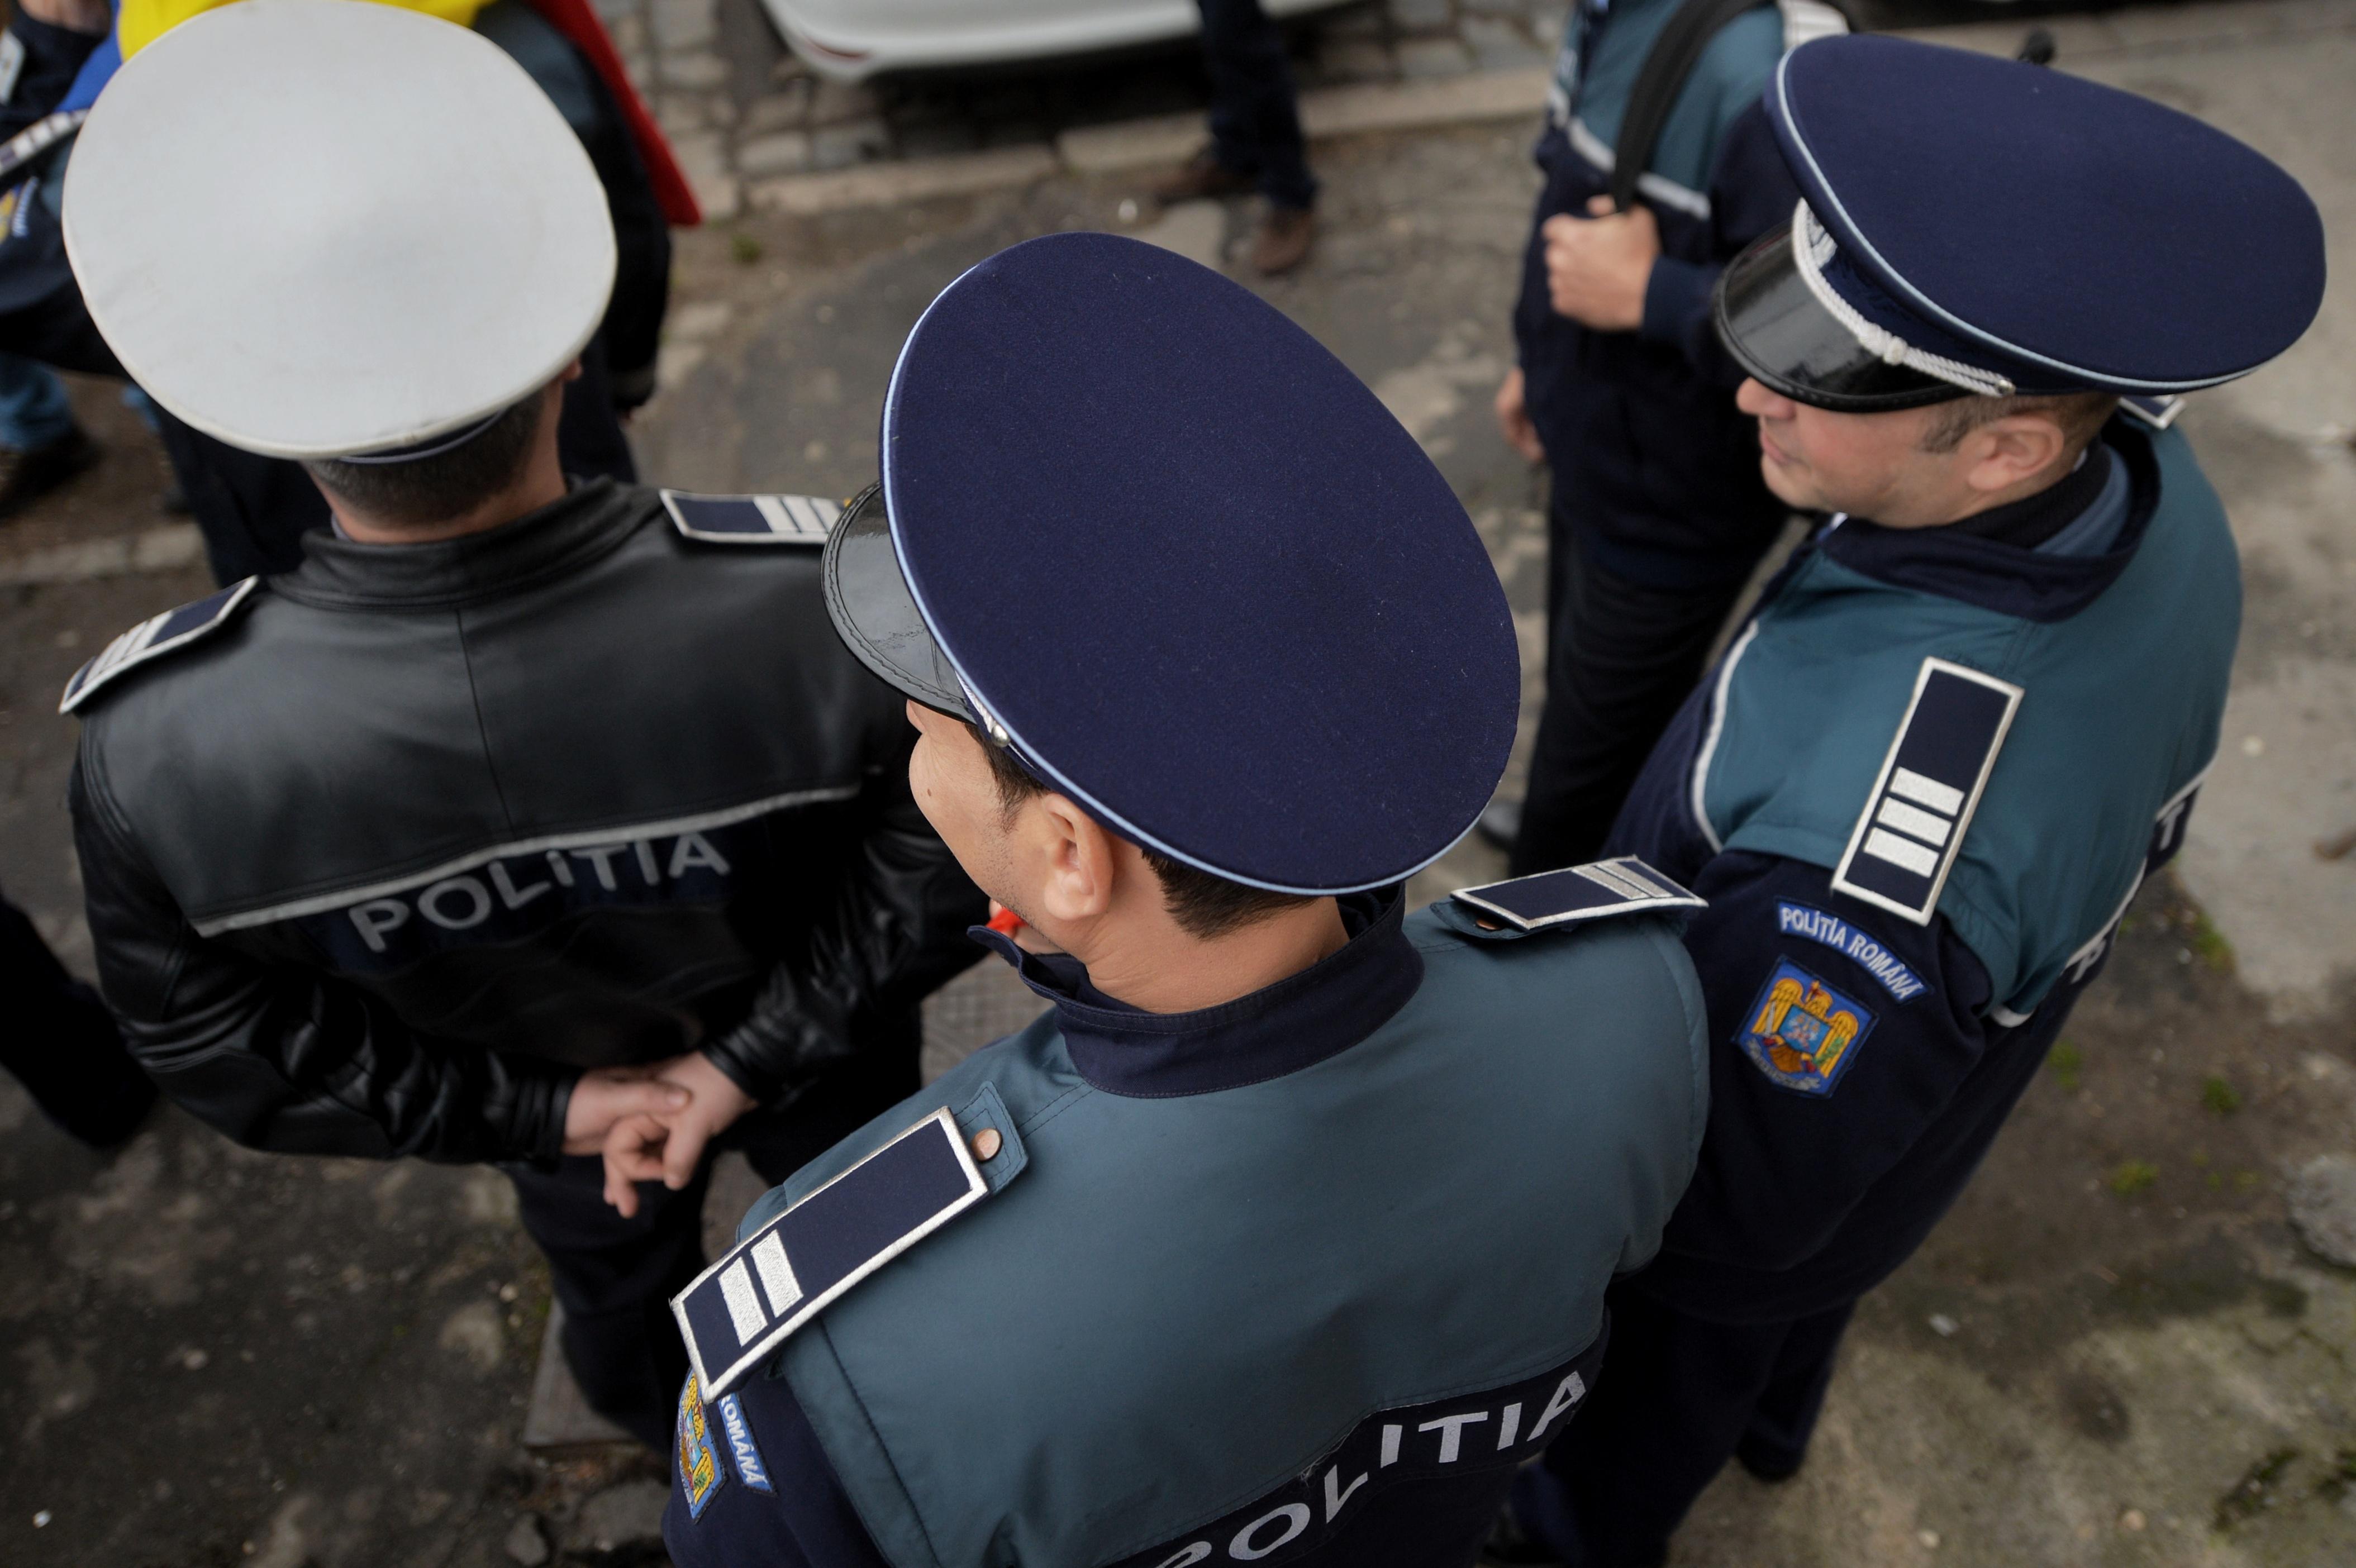 Poliţist din Mehedinţi, dispărut de două zile. Colegii săi au început căutările